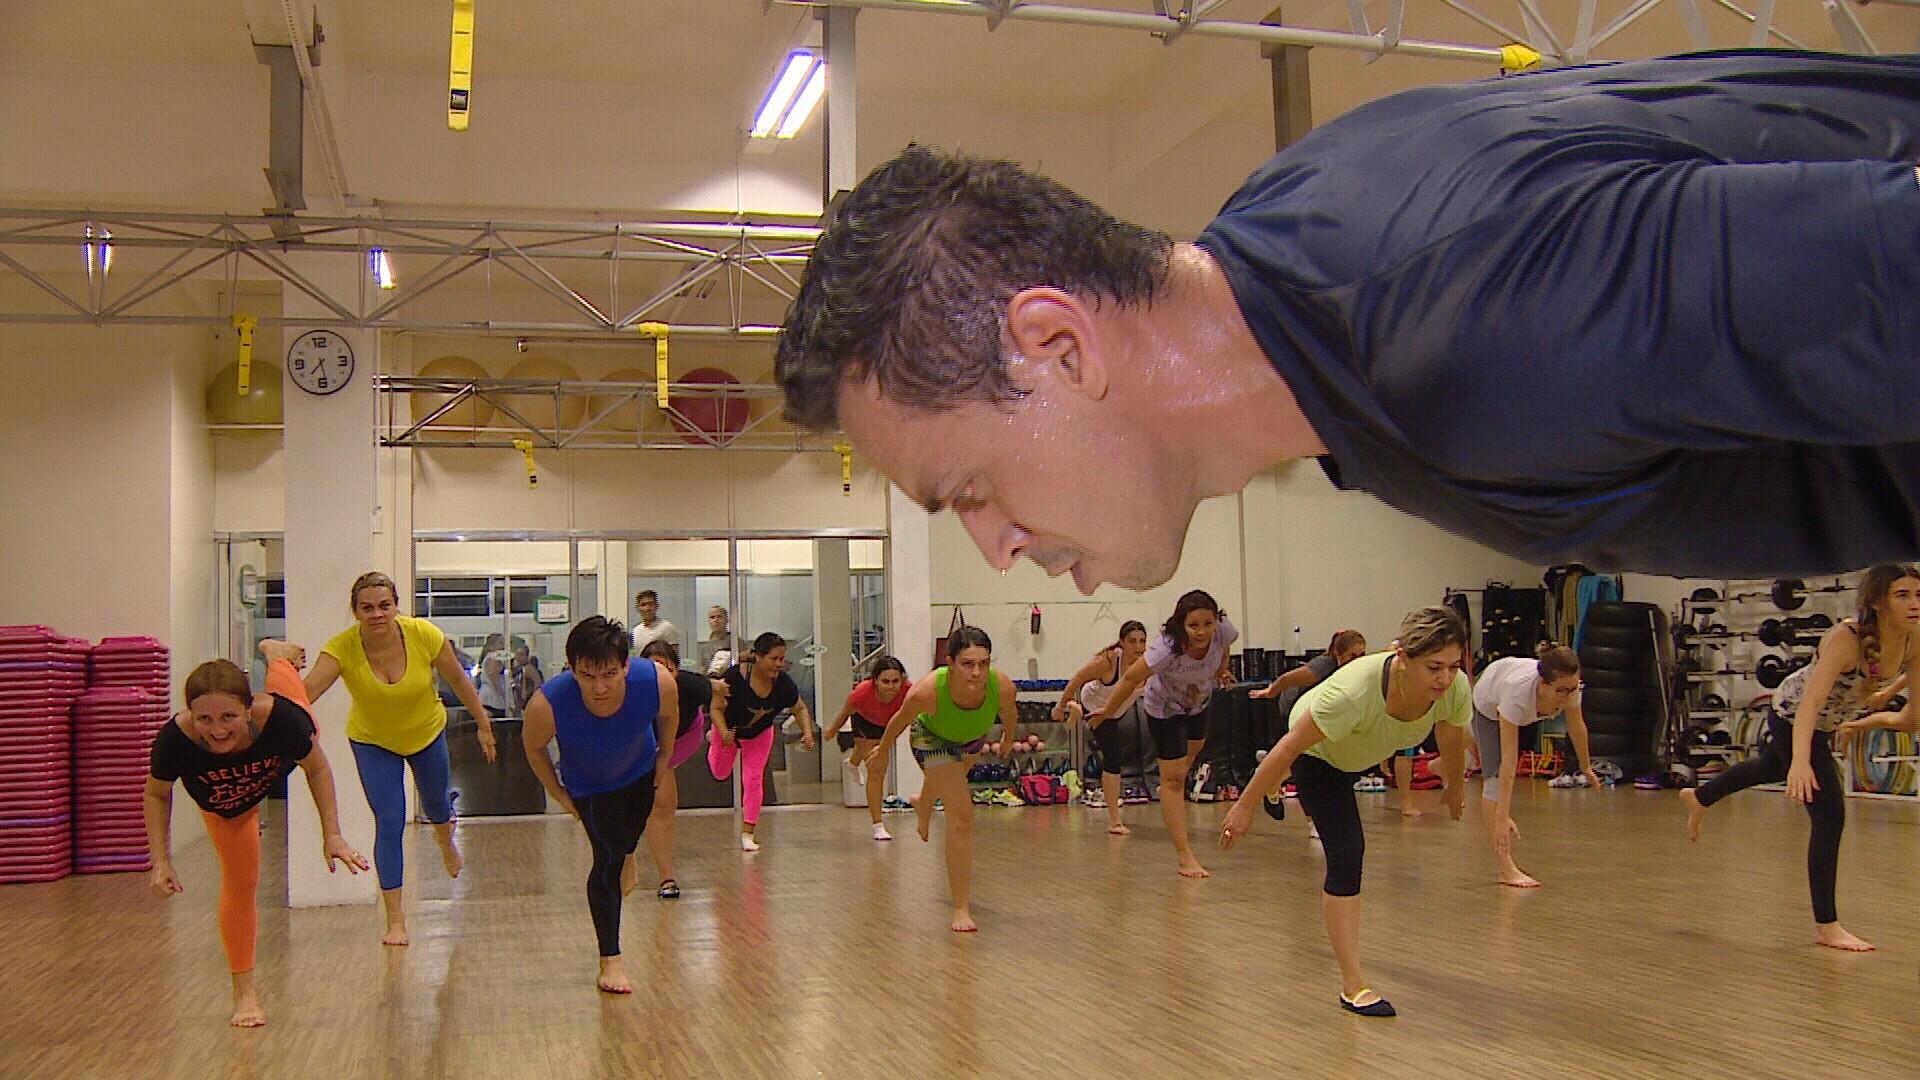 Conheça o Piloxing, que mistura dança, pilates e boxe (Foto: Amazônia Revista)